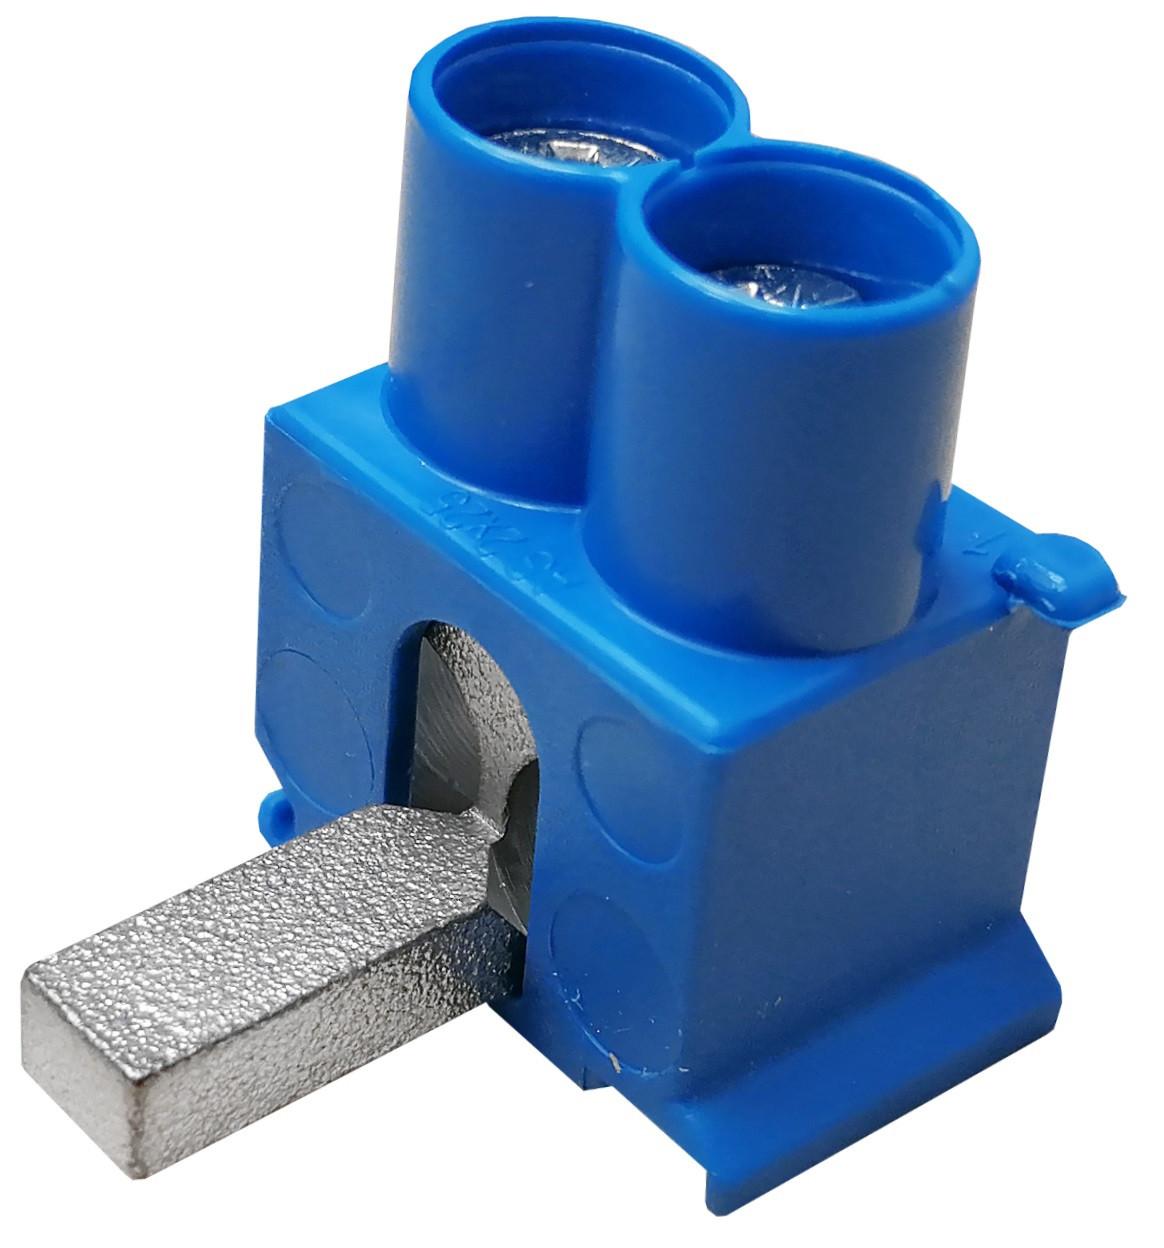 SEP DT2-25B tweevoudige aansluitklem 2x25mm2, blauw